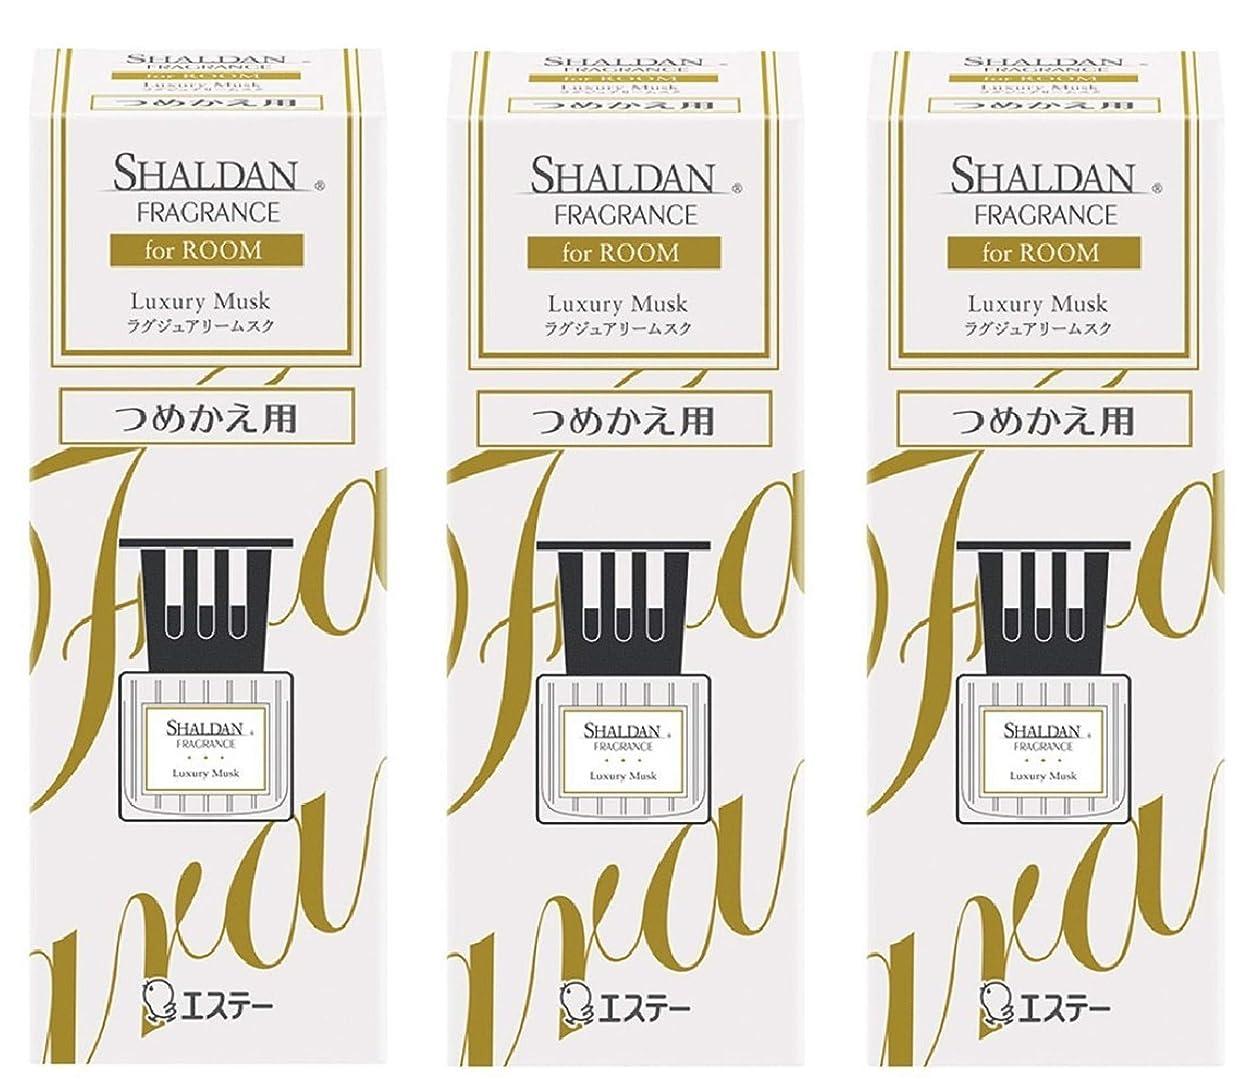 カバーズボン義務【まとめ買い】シャルダン SHALDAN フレグランス for ROOM 芳香剤 部屋用 部屋 つめかえ ラグジュアリームスク 65ml×3個